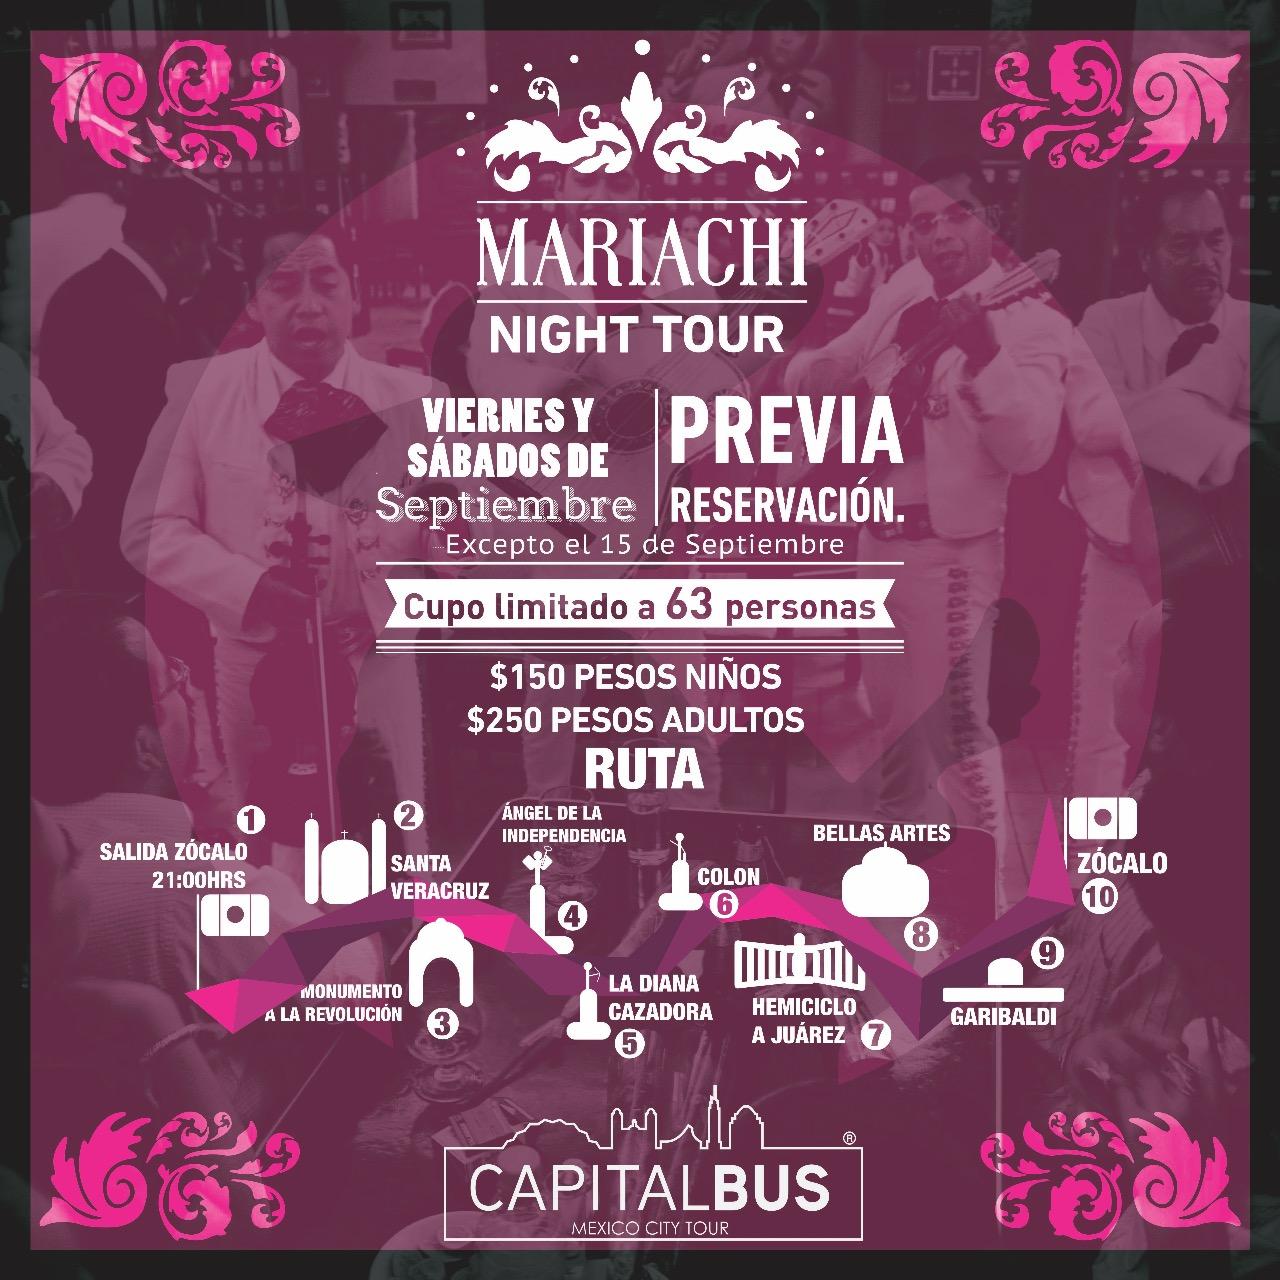 MARIACHI NIGHT TOUR